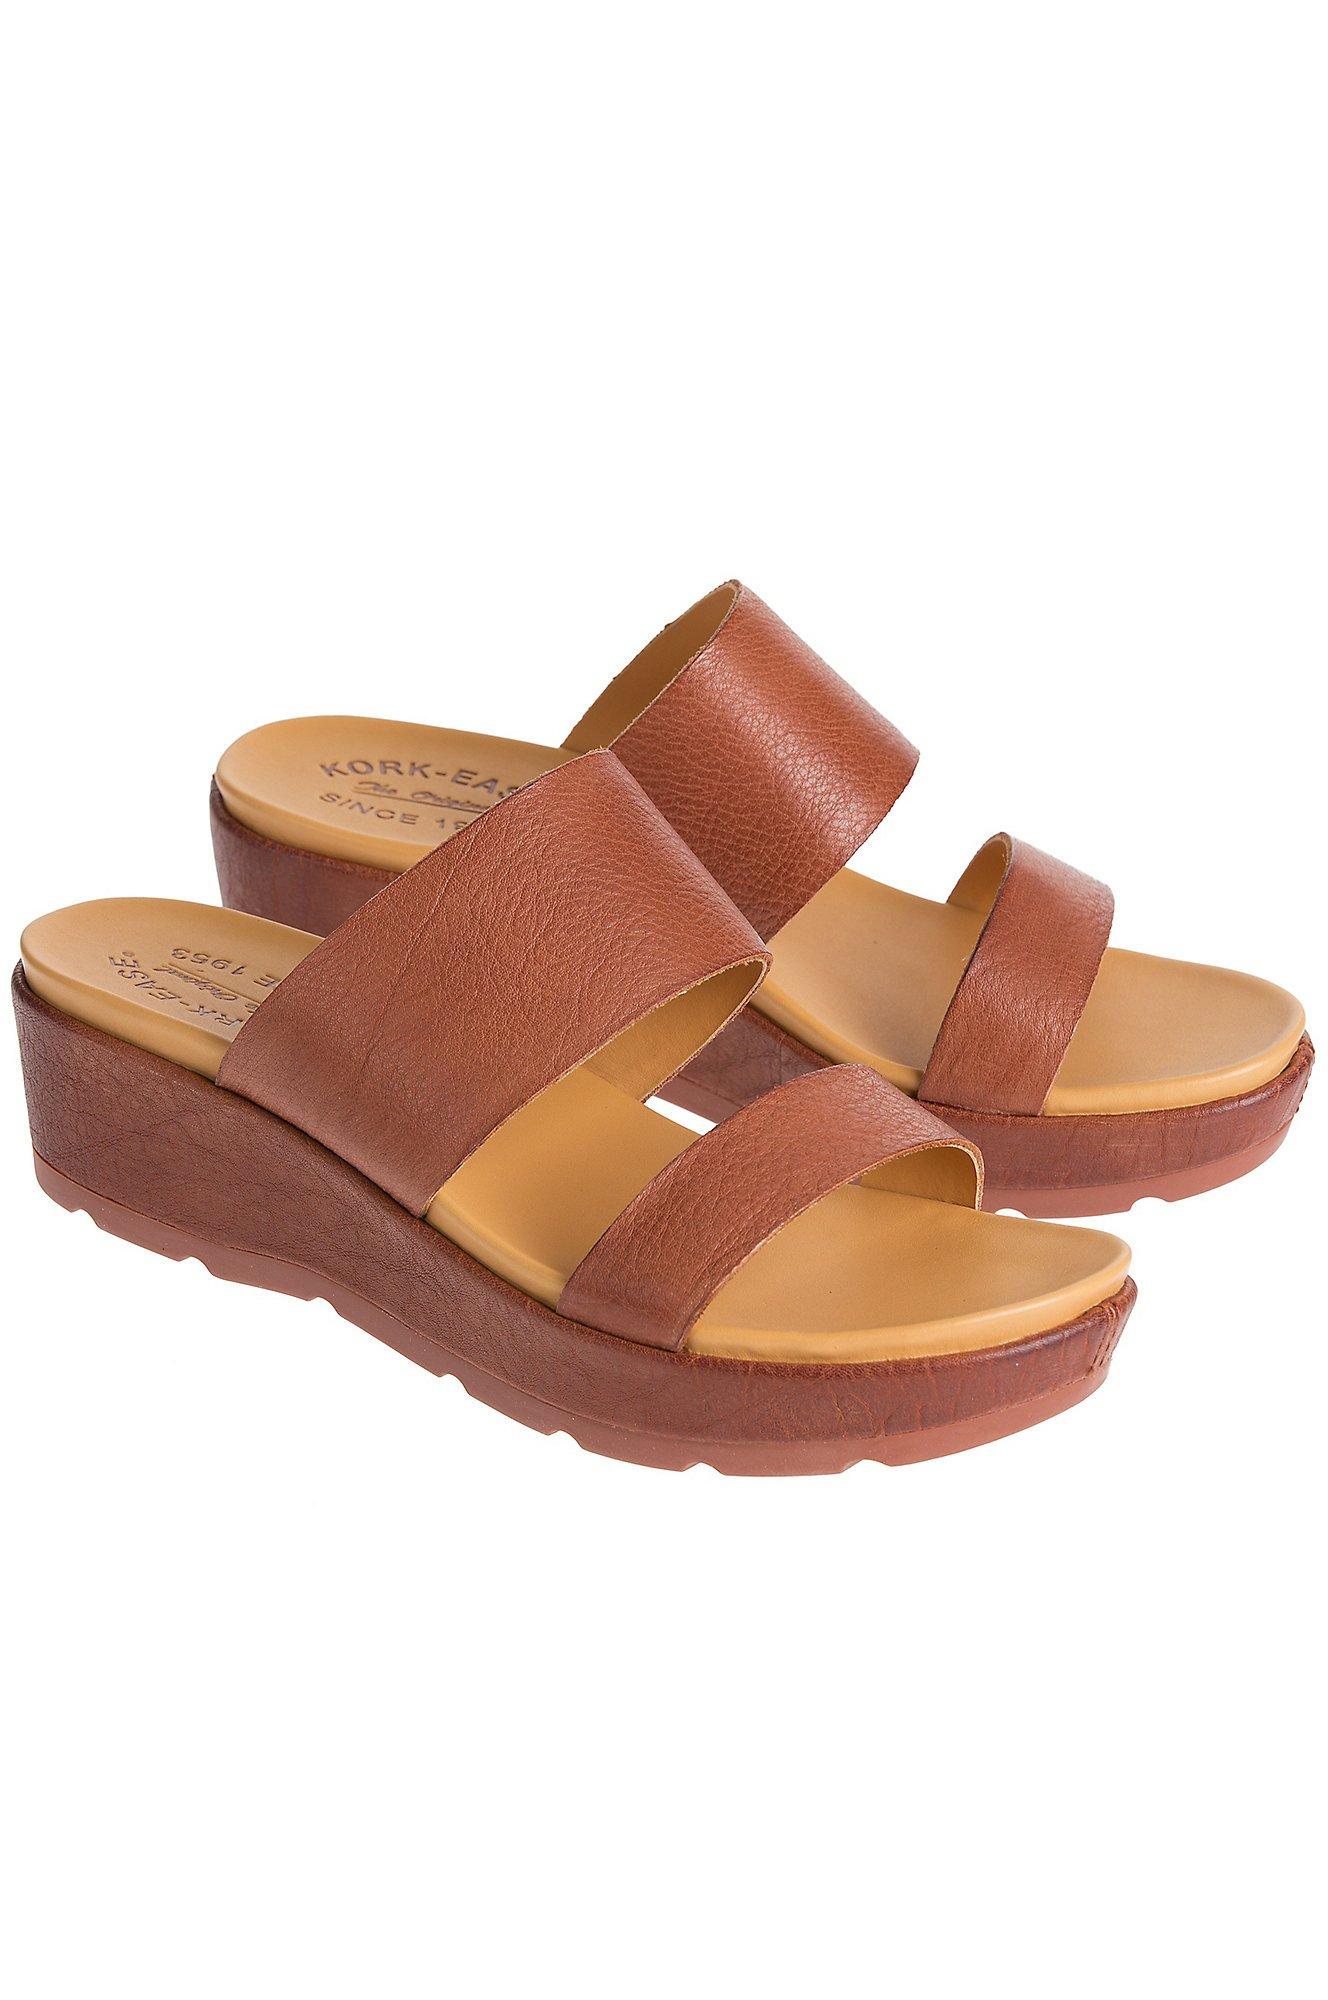 Kork-Ease Women's Kane Leather Slide Sandals